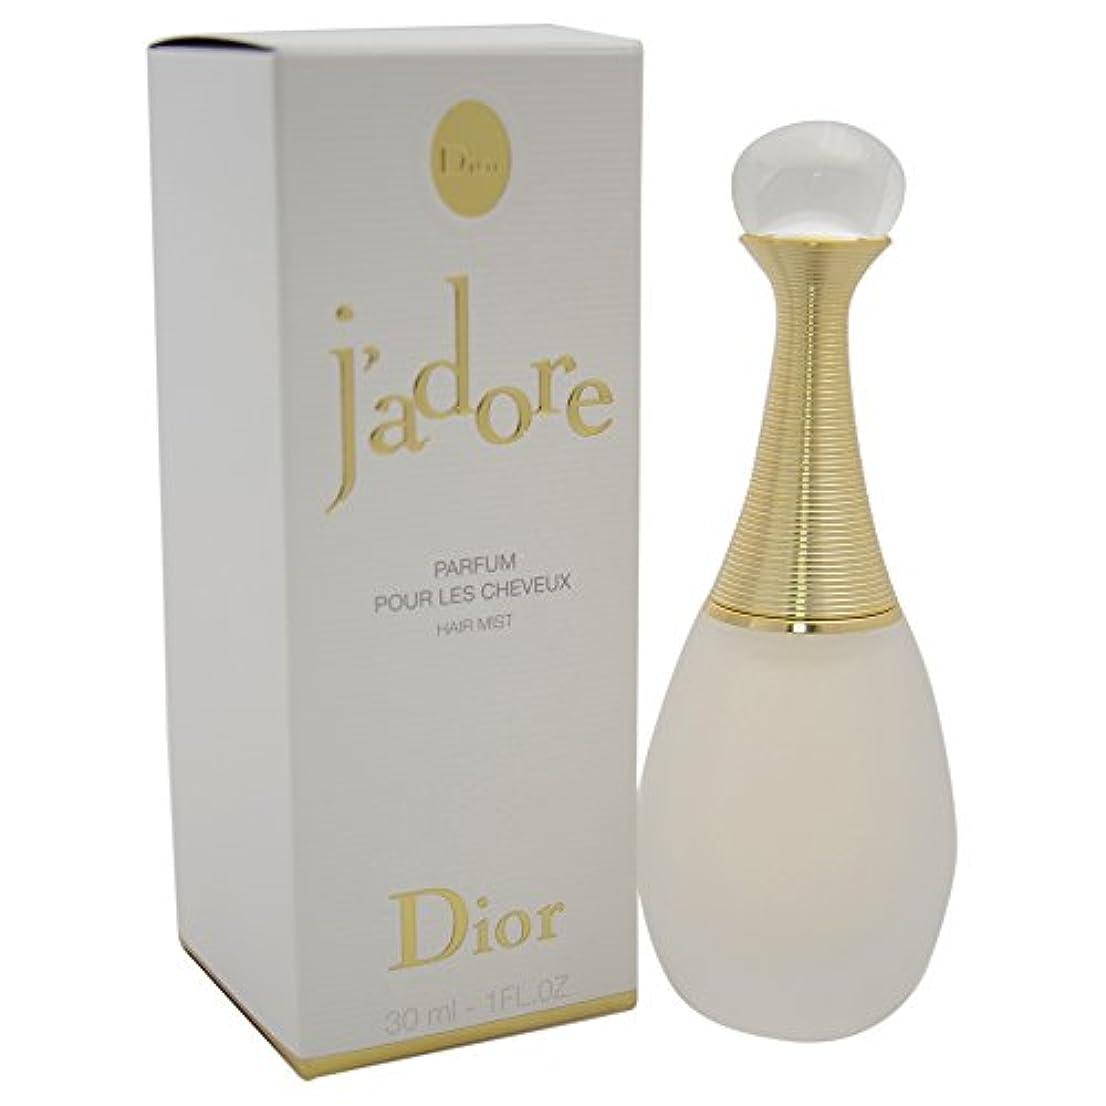 高原業界性別Dior ジャドール ヘアミスト 30ml [並行輸入品]